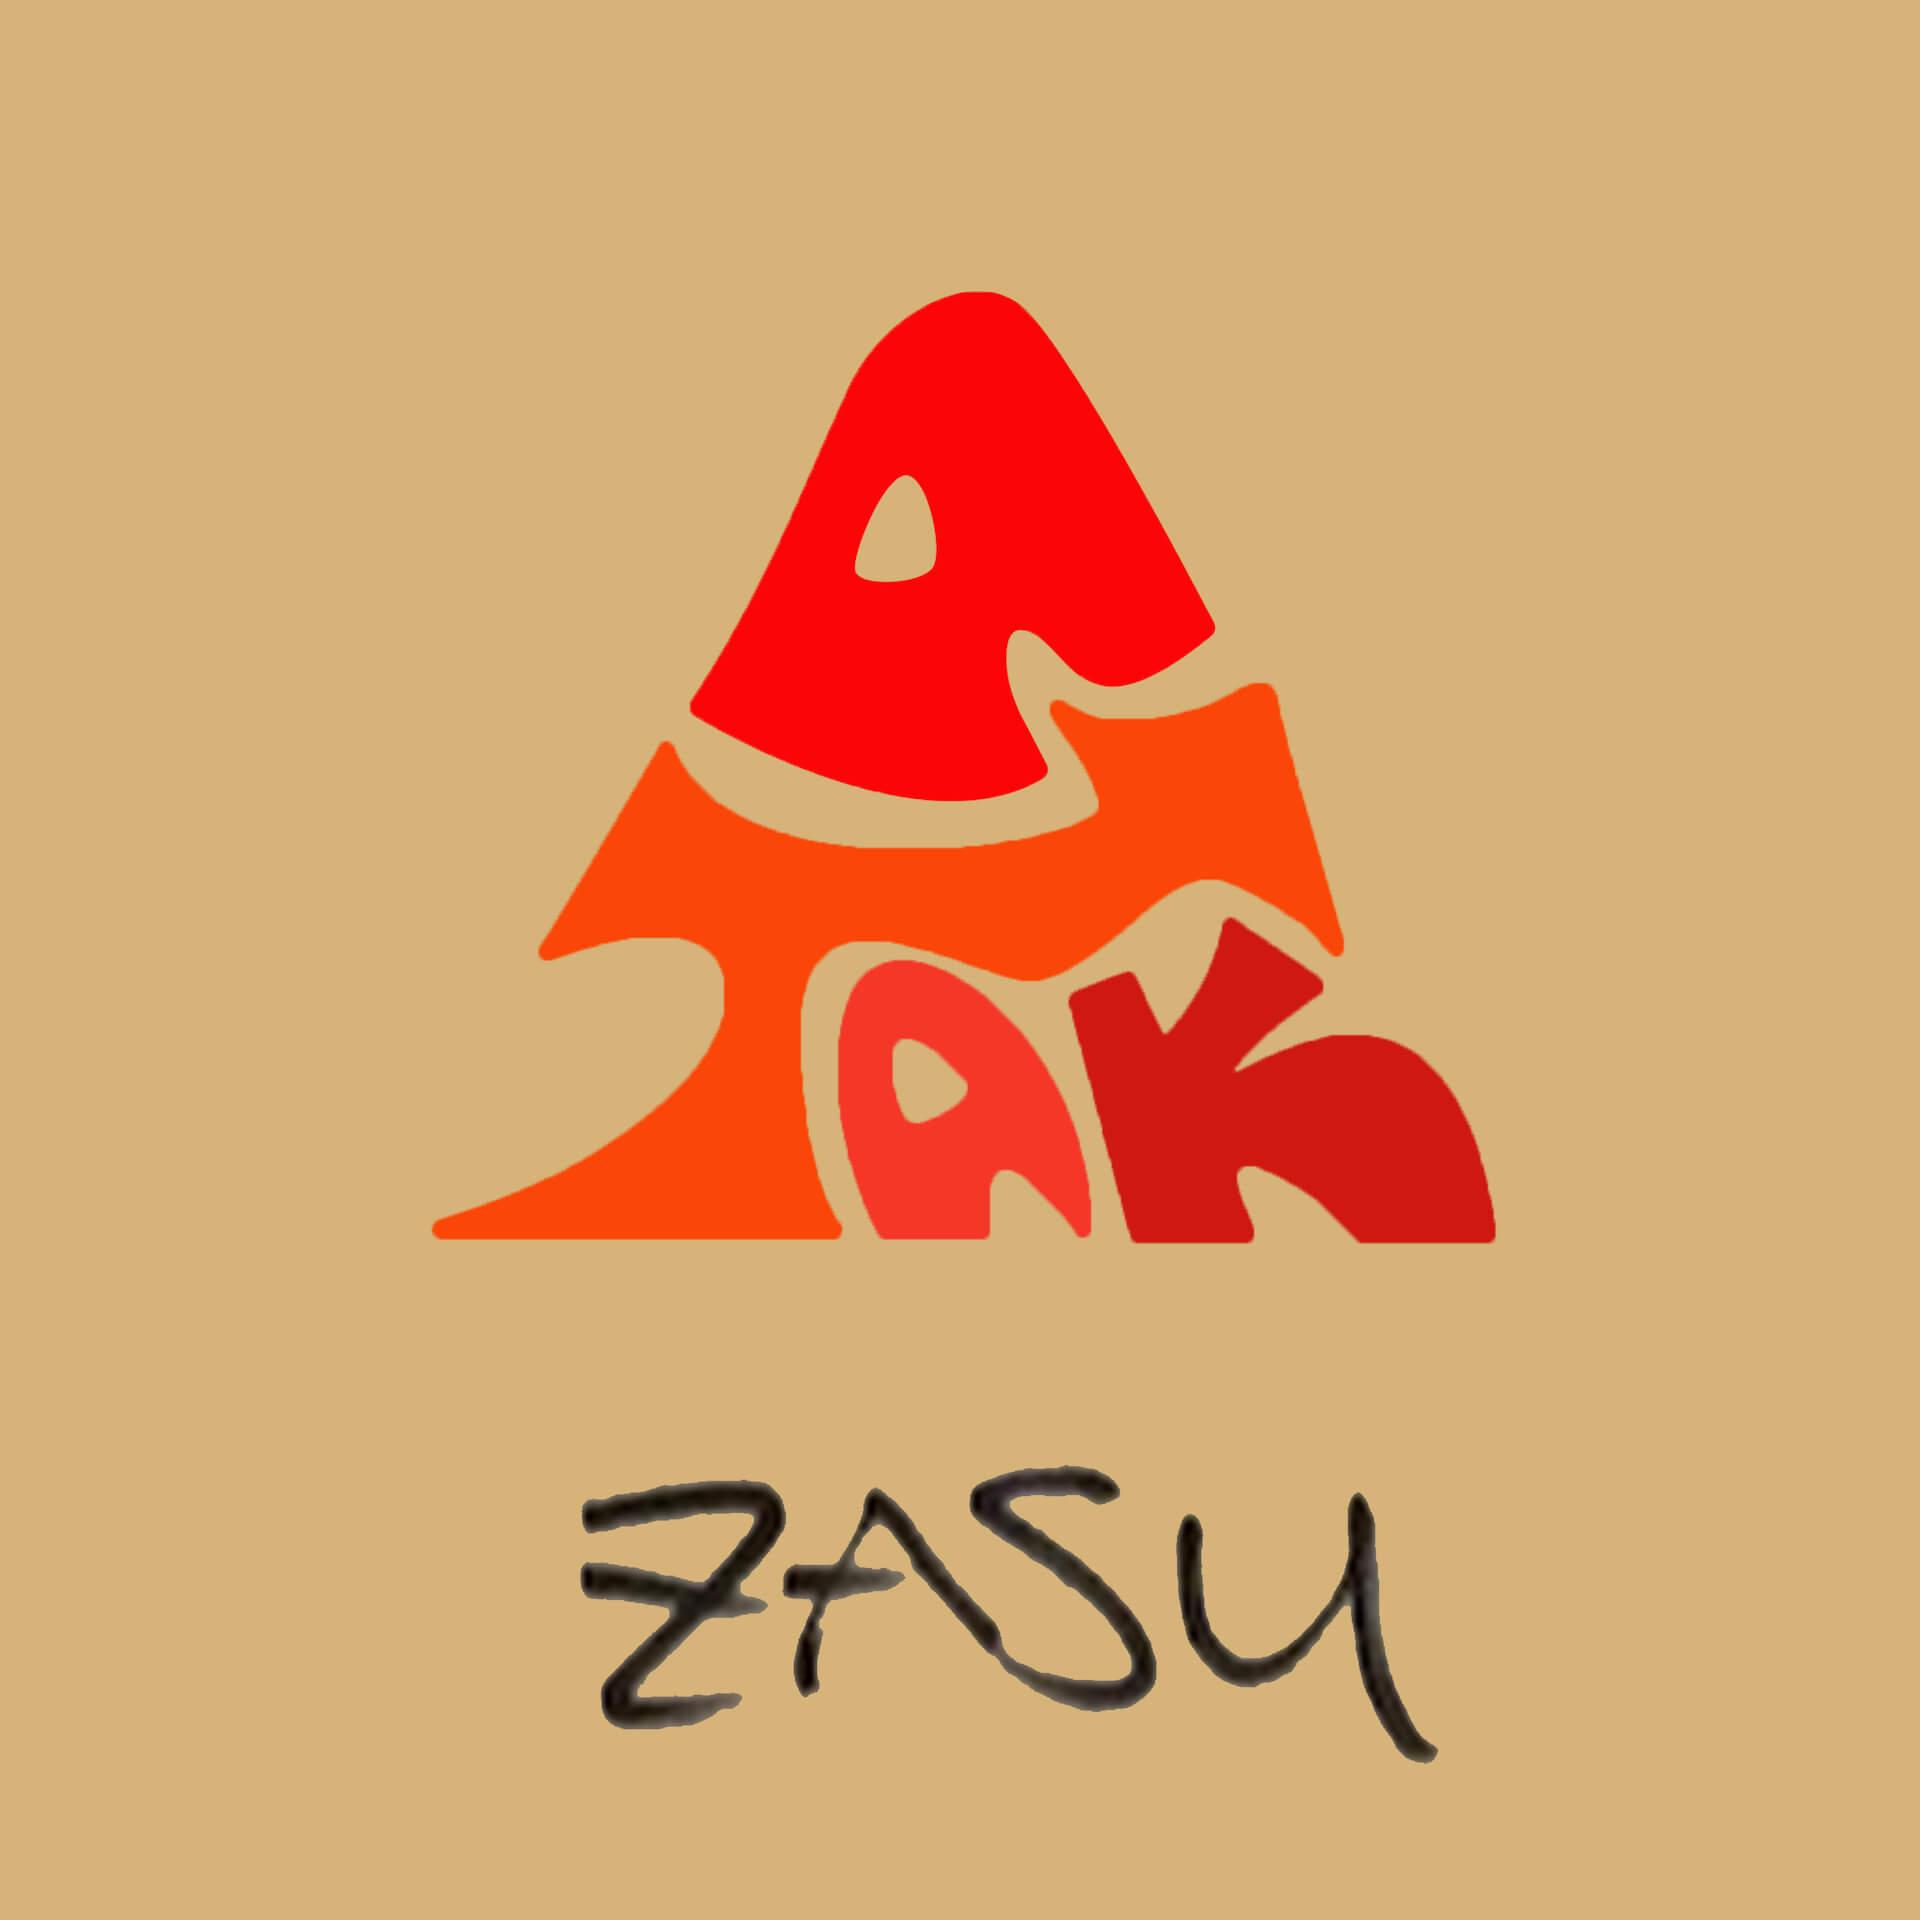 """黒田卓也率いる大所帯バンドaTakが1stシングル""""ZASU""""をリリース!WWWでの記念ライブも開催決定 music_210720_aTak1"""